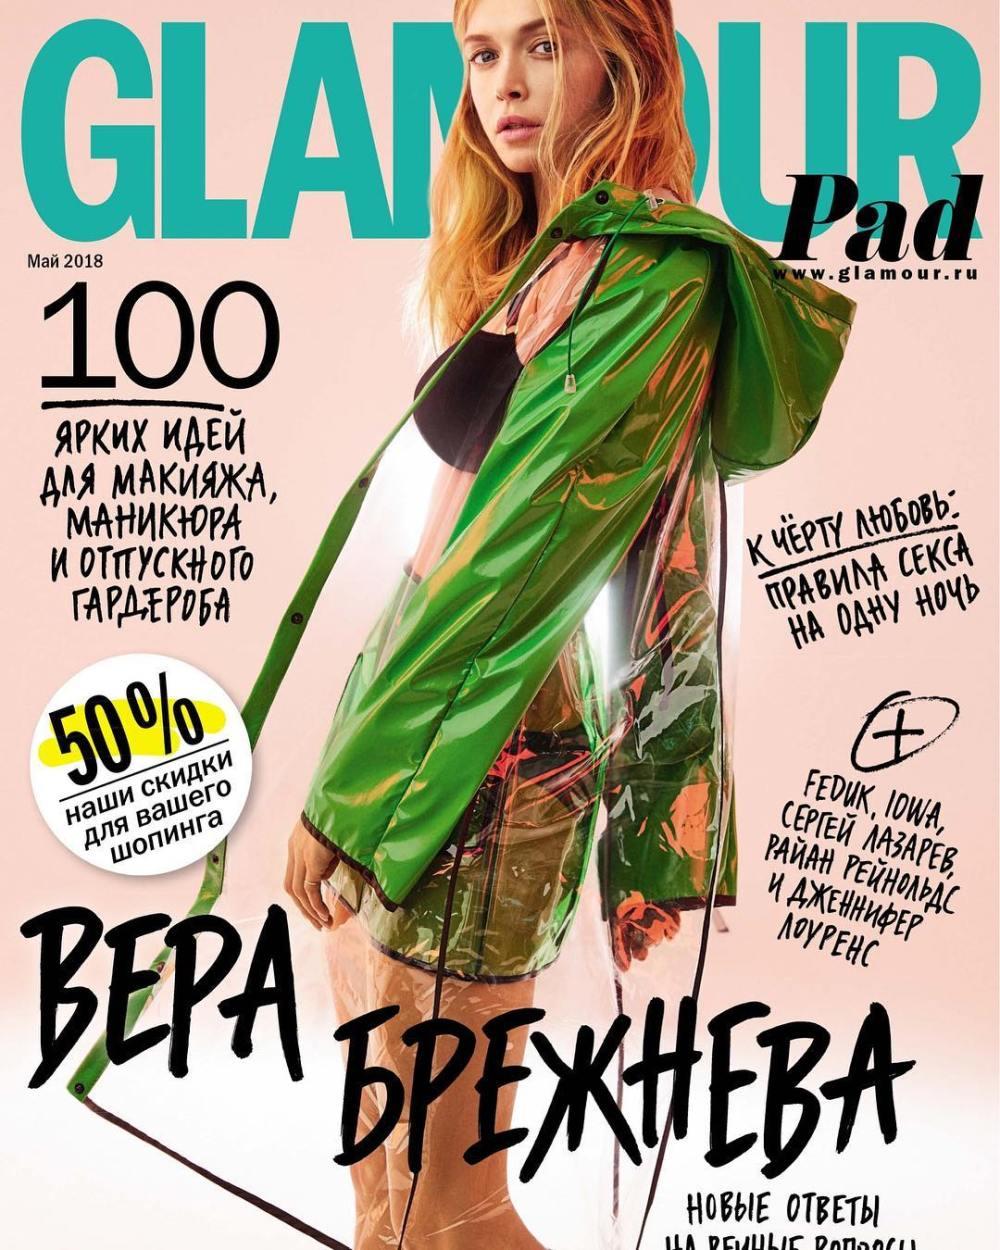 Вера Брежнева показала исхудавшую фигуру в прозрачном наряде — фото